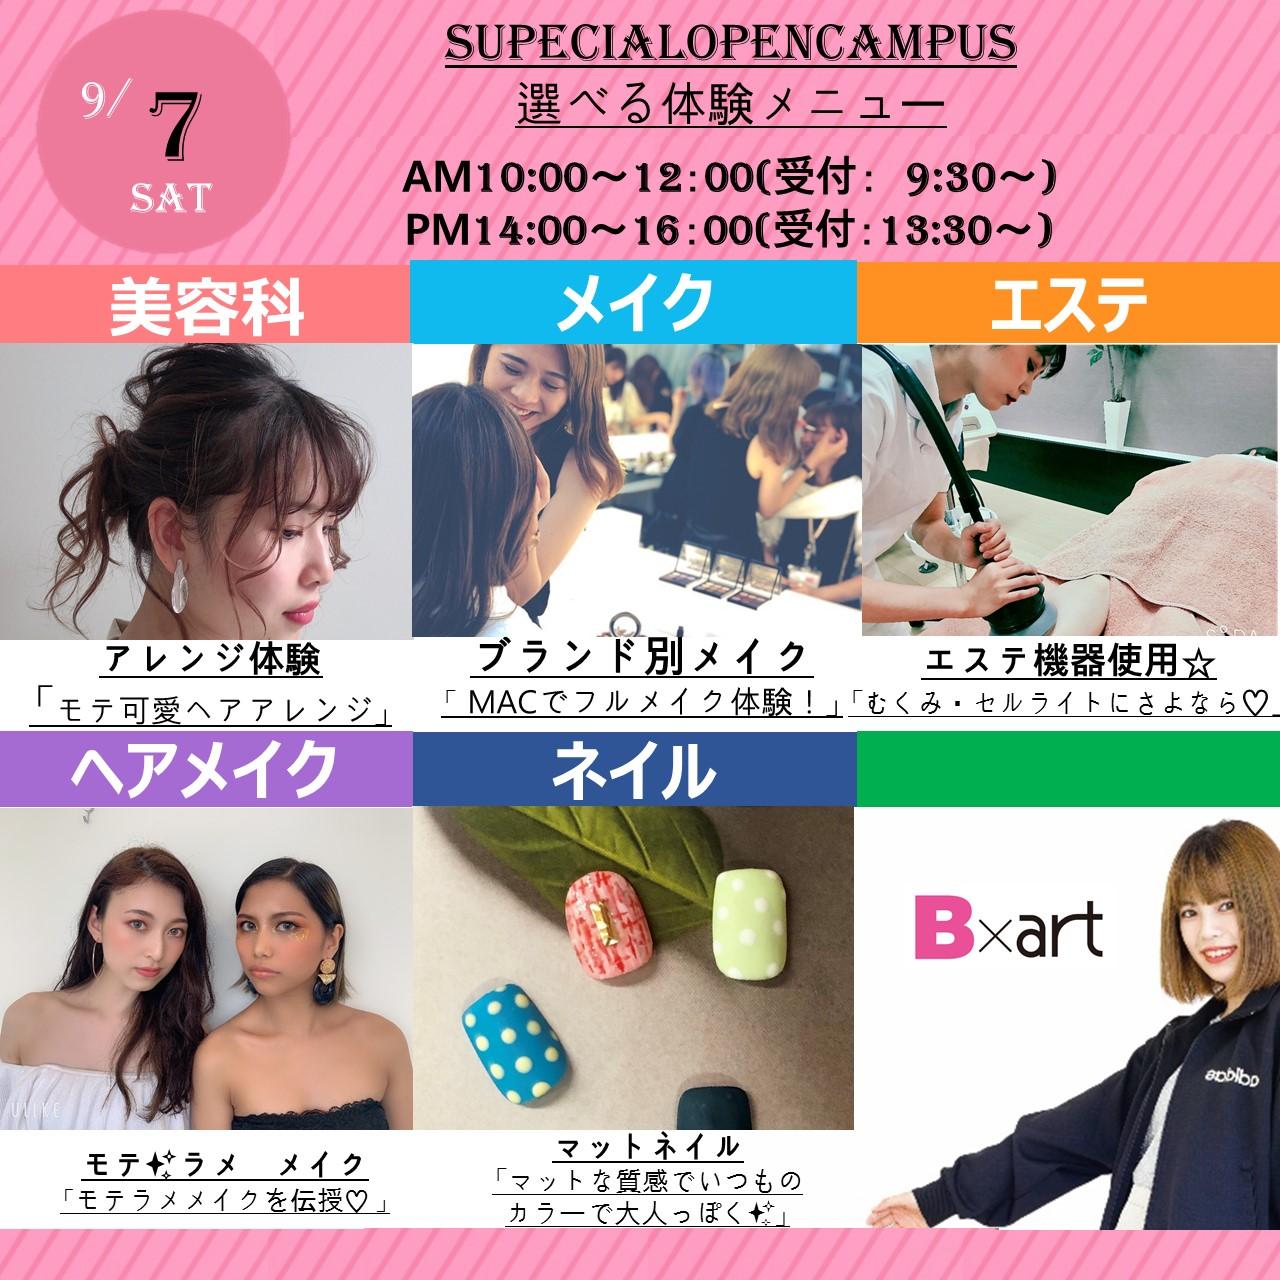 9月7日イベカレ用PPT フォーマット - 横VER.jpg